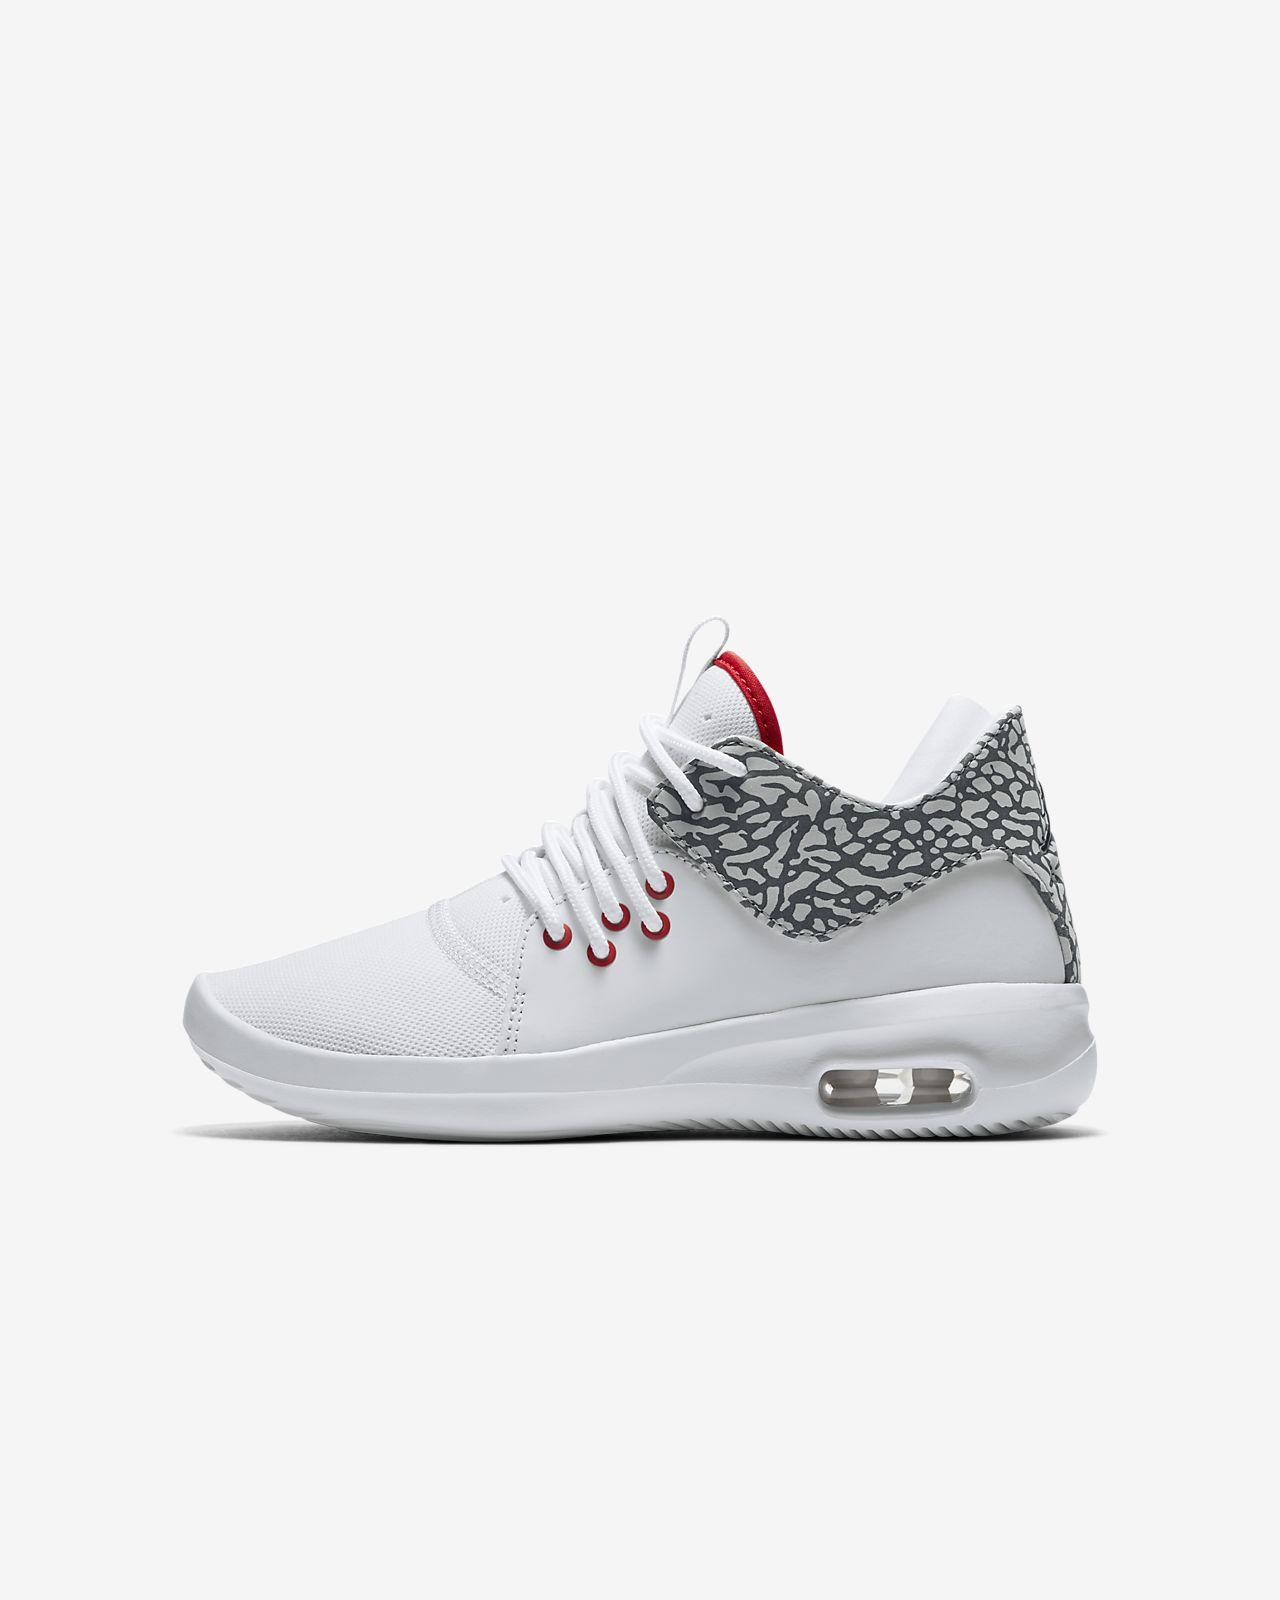 ... Air Jordan First Class Older Kids' Shoe